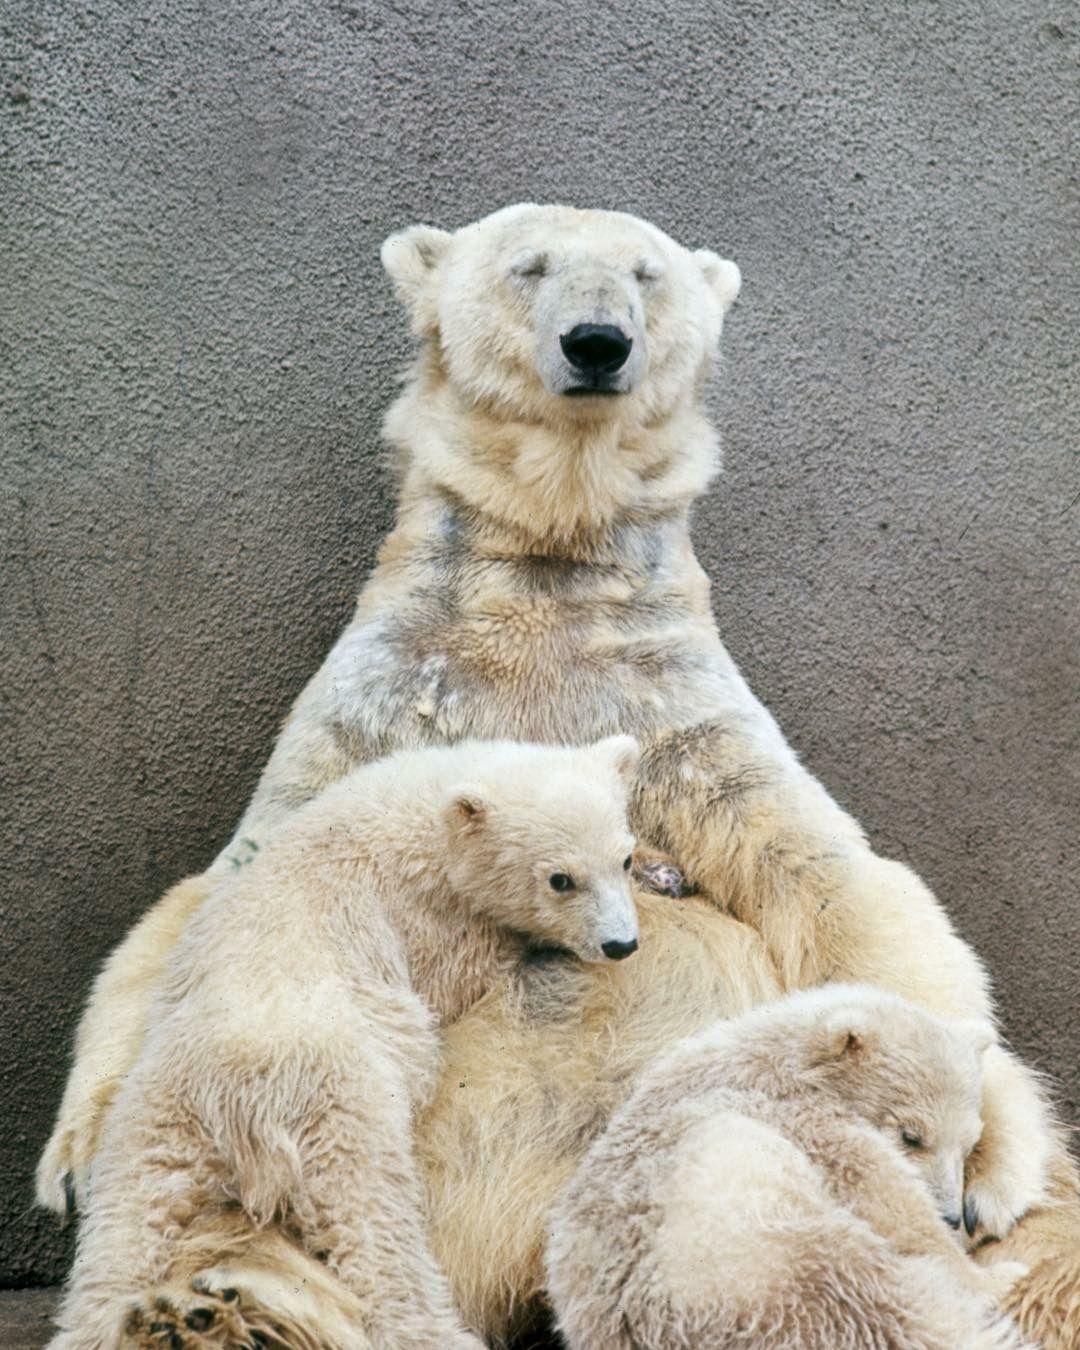 Polar bears Polar bear names, Polar bear